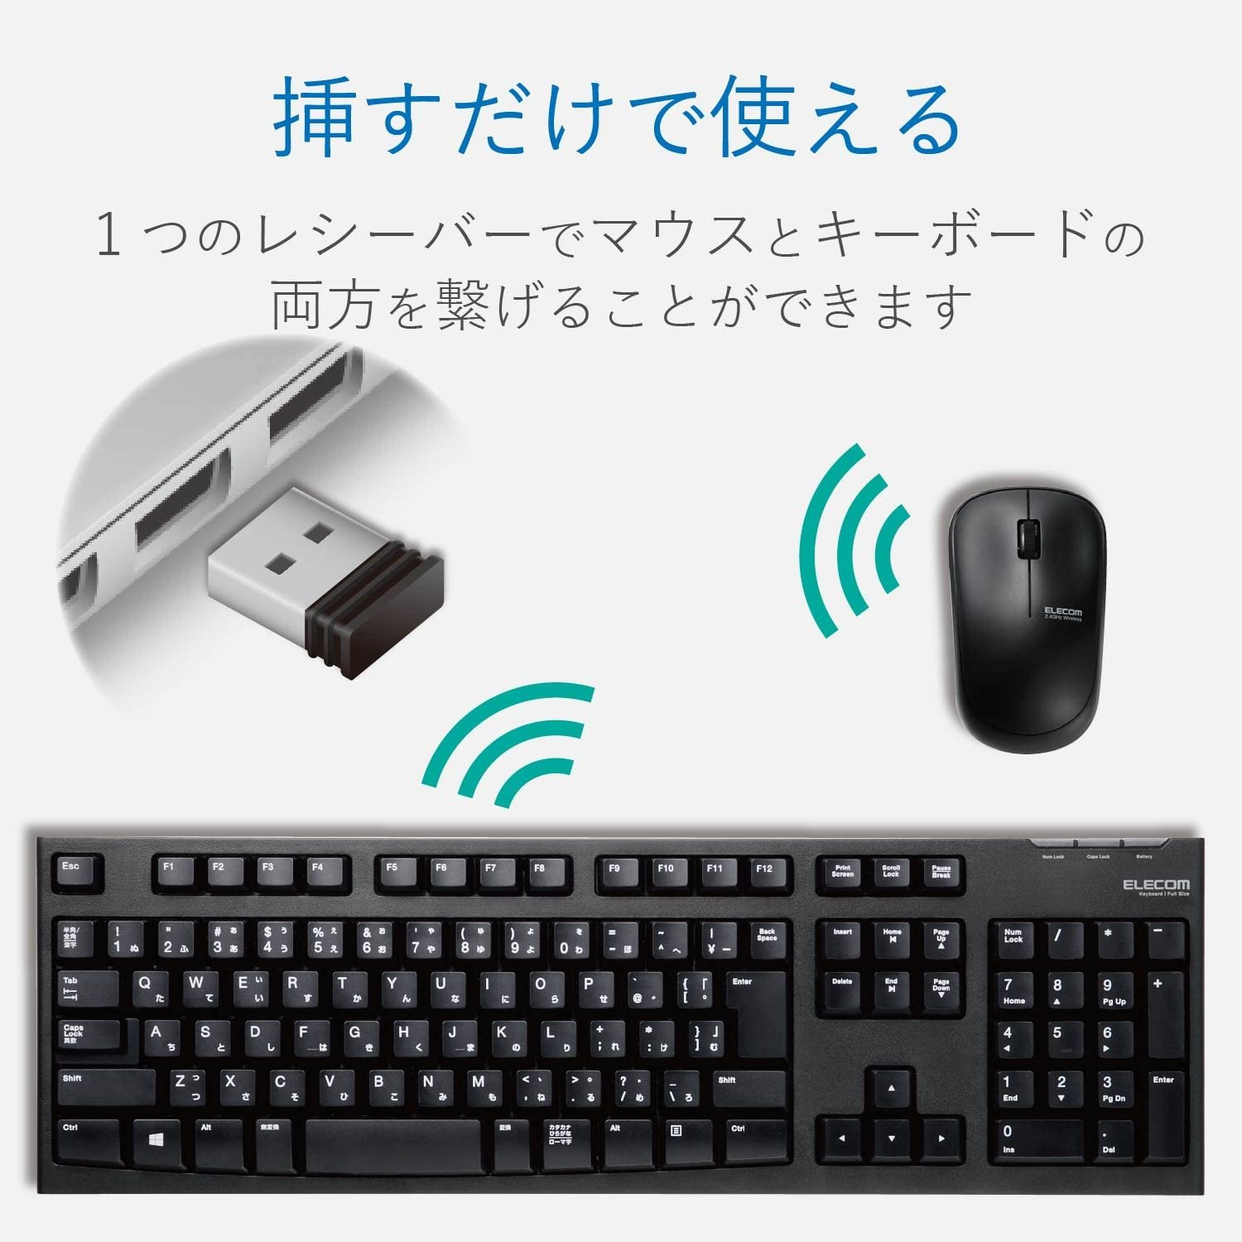 ELECOM(エレコム) ワイヤレスフルキーボード&マウス TK-FDM063BKの商品画像3